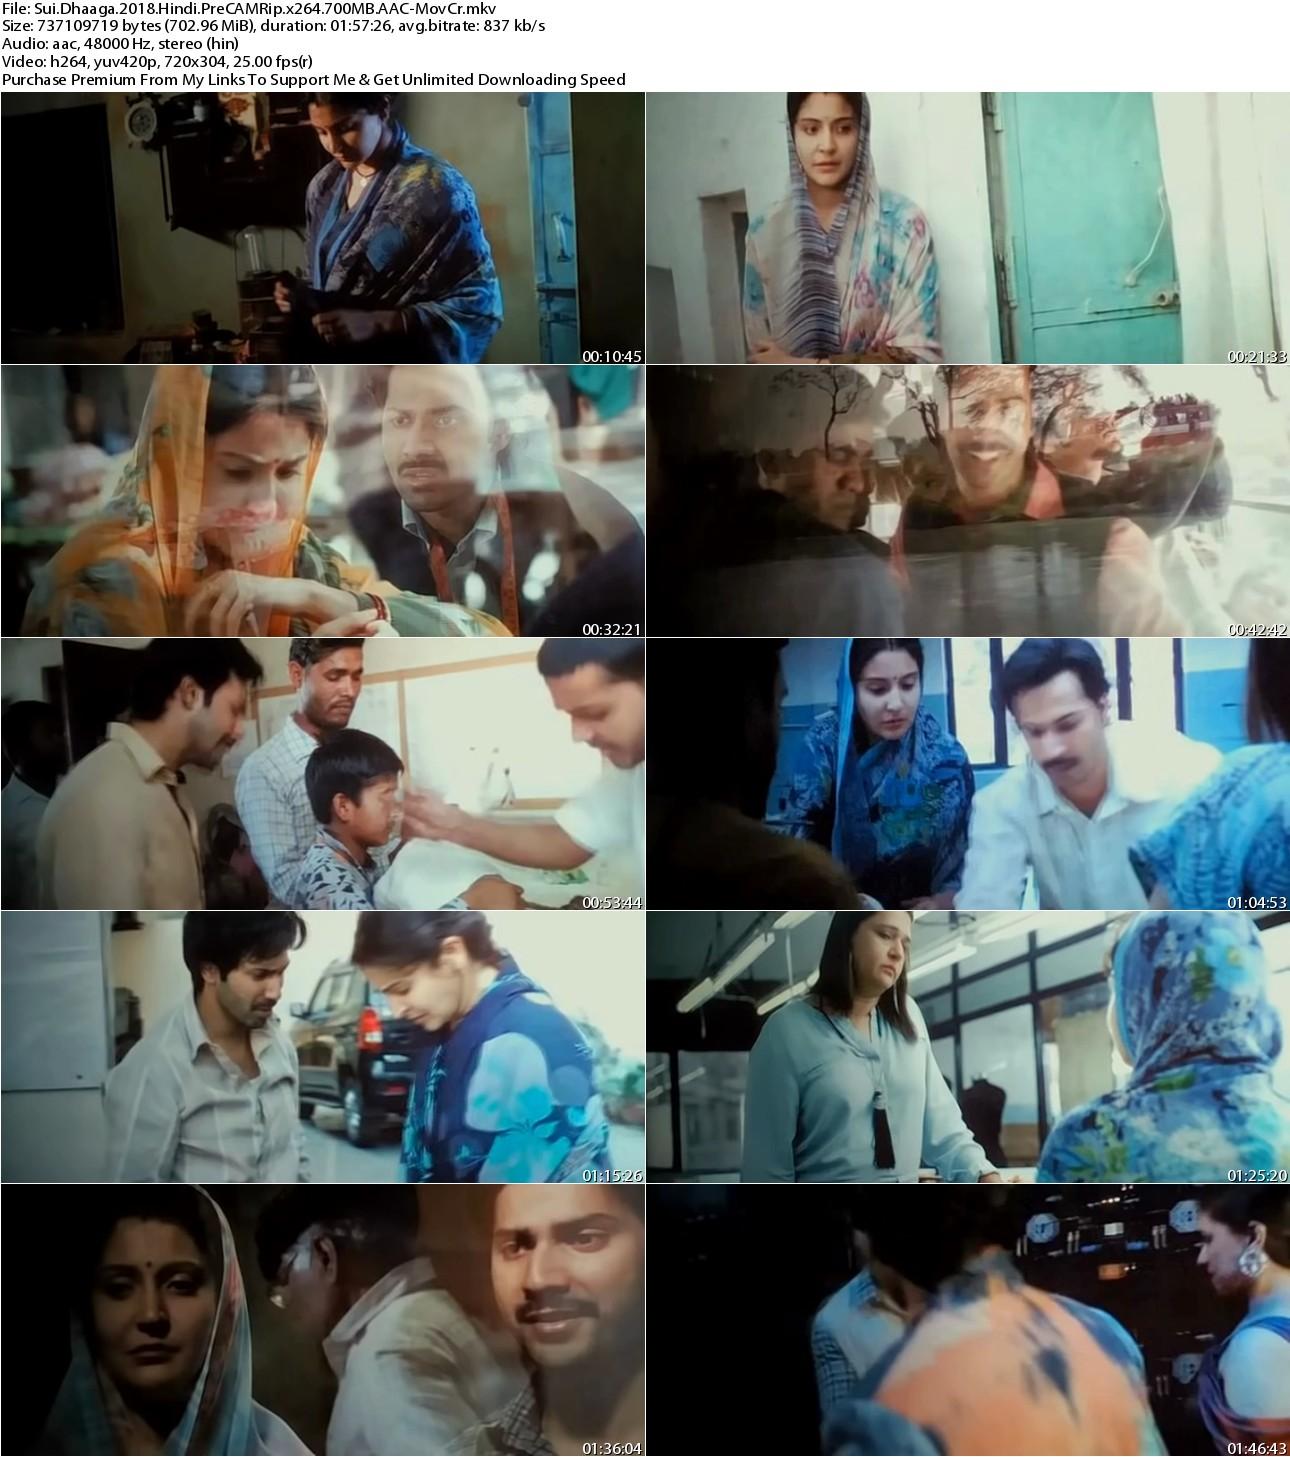 Sui Dhaaga (2018) Hindi PreCAMRip x264 700MB AAC-MovCr